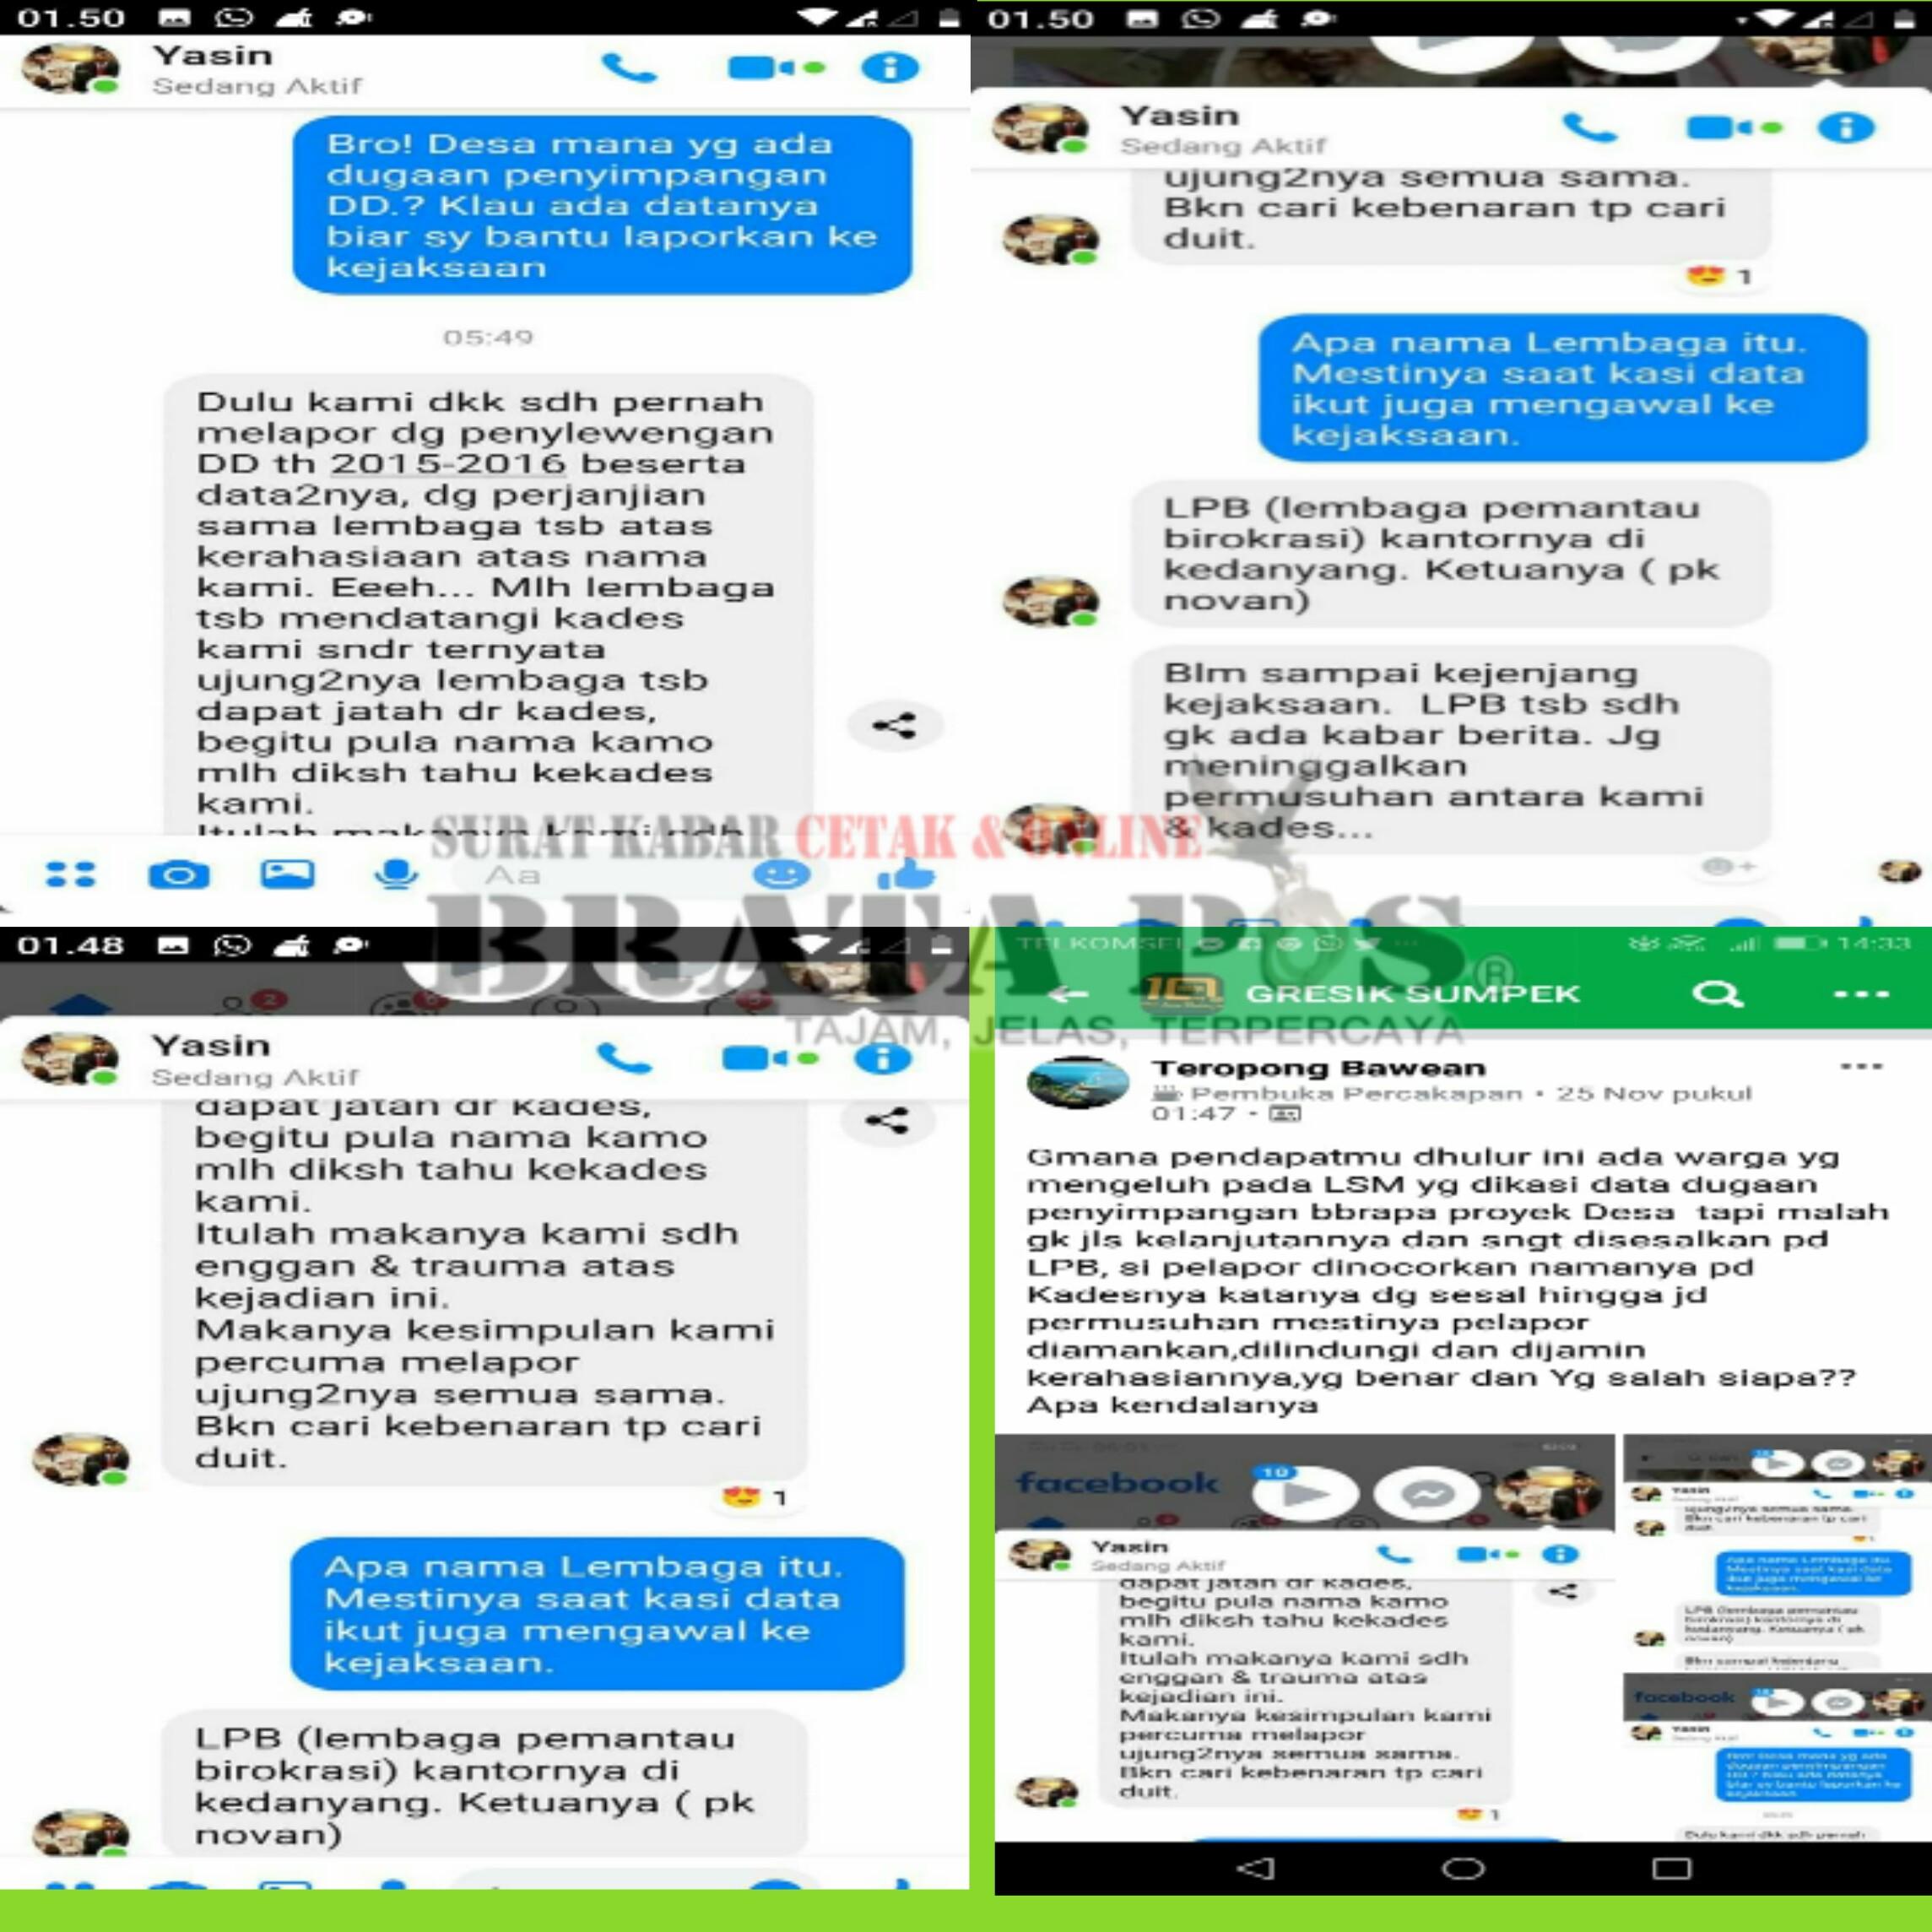 Keterangan foto : bukti percakapan yang beredar di dunia maya facebook.